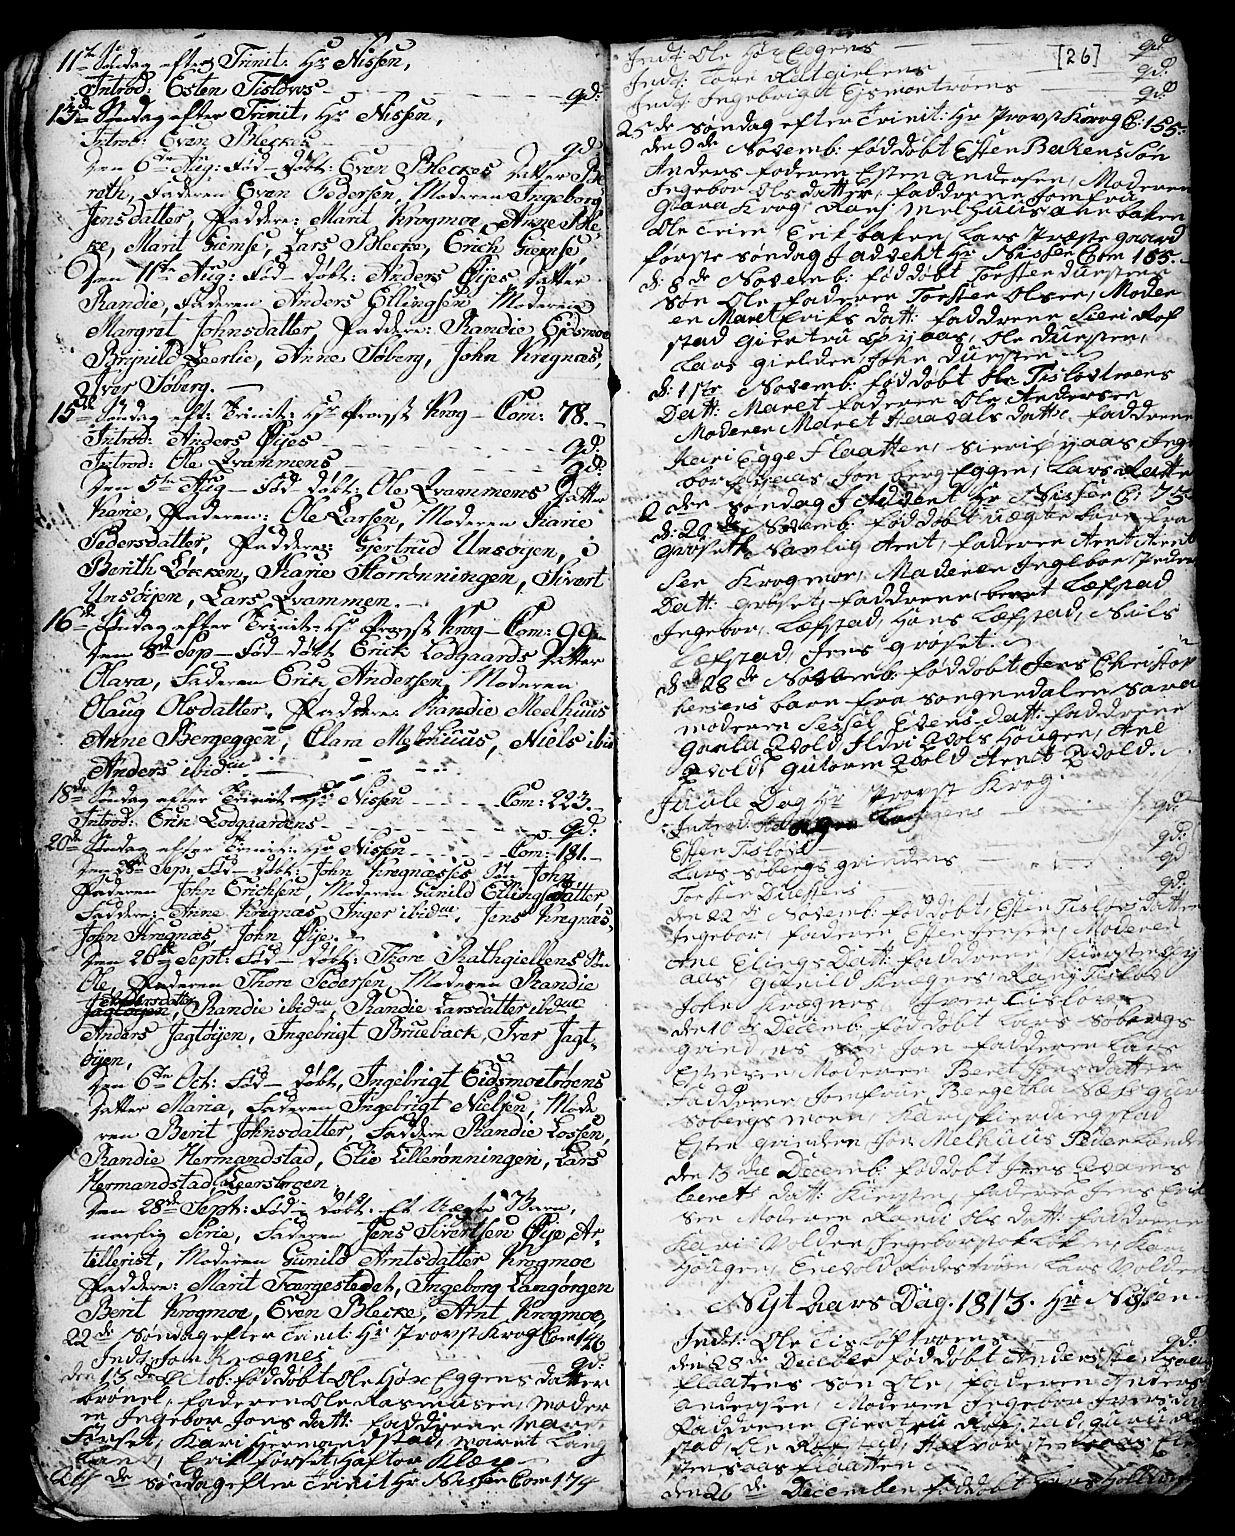 SAT, Ministerialprotokoller, klokkerbøker og fødselsregistre - Sør-Trøndelag, 691/L1091: Klokkerbok nr. 691C02, 1802-1815, s. 26